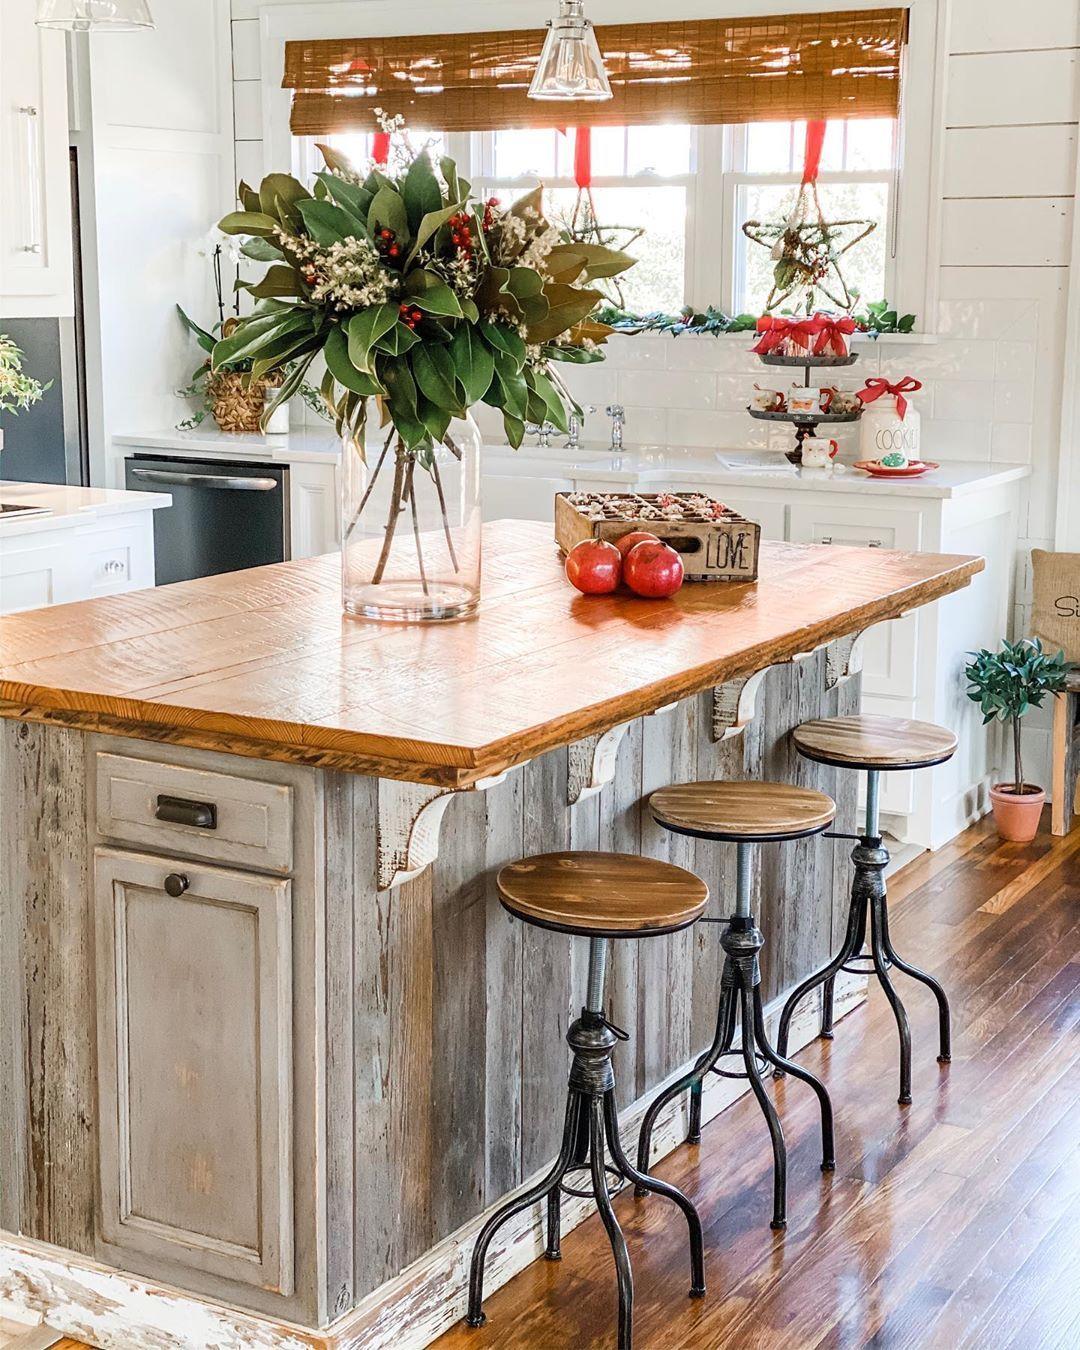 28+ The festive kitchen info